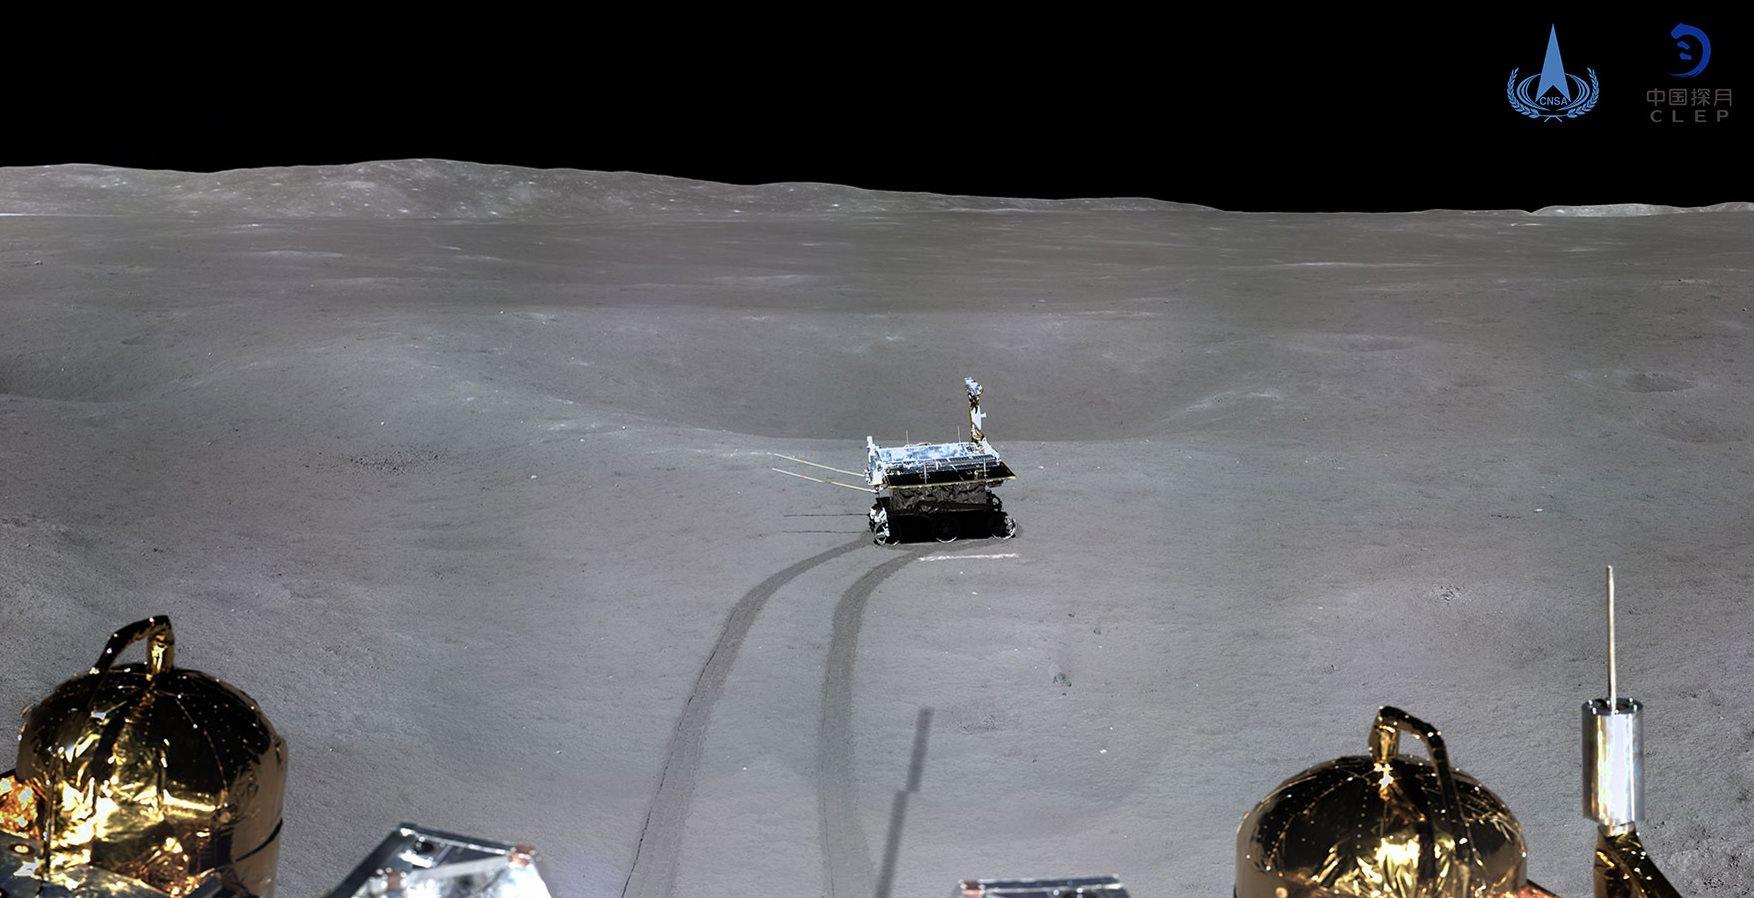 Красота не земная, а лунная